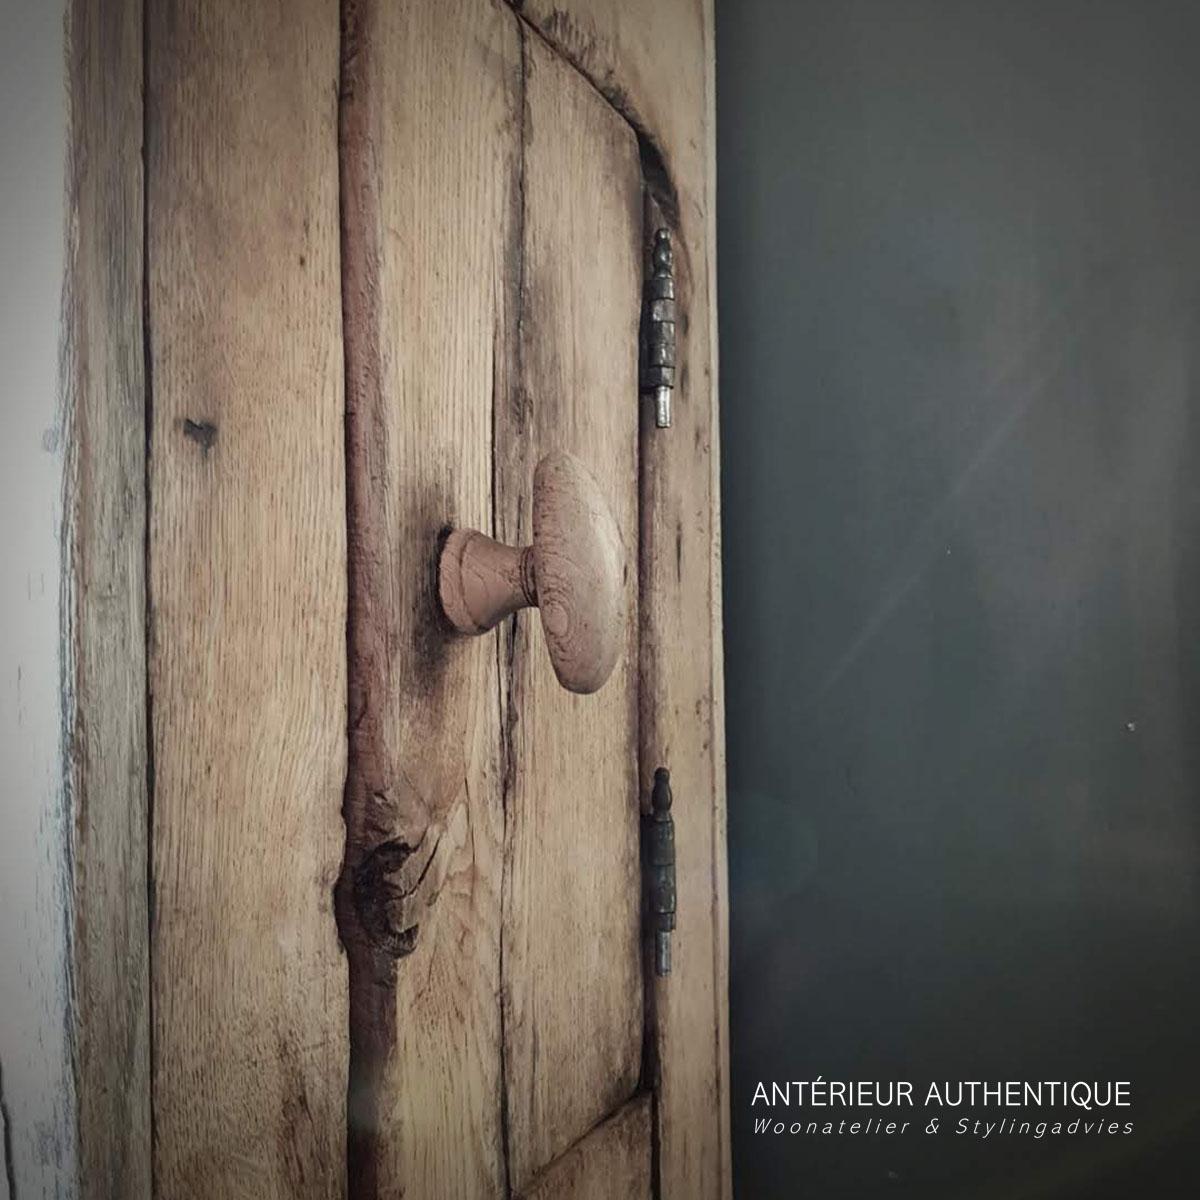 Productafbeelding van kastje oud eiken (deurtjes) voor illustratie in Antérieur Authentique webshop